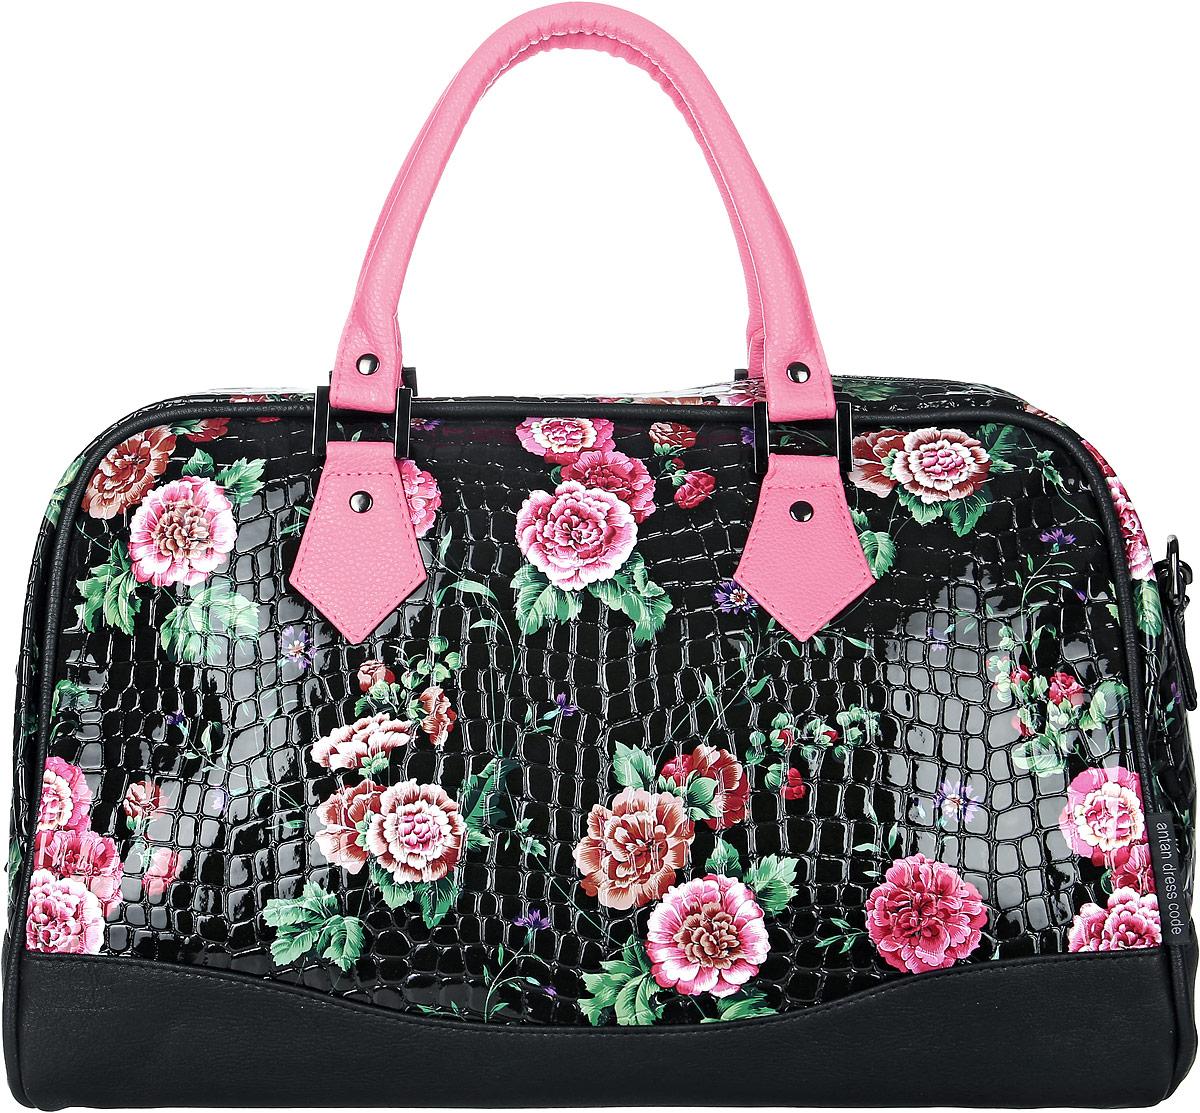 Сумка женская Аntan, цвет: черный, розовый. 46700188615334670018861533Стильная женская сумка Аntan выполнена из искусственной кожи. Изделие имеет одно отделение, закрывающееся на застежку-молнию. Внутри сумки находится прорезной карман на застежке-молнии. Модель оснащена двумя удобными ручками и съемным плечевым ремнем.